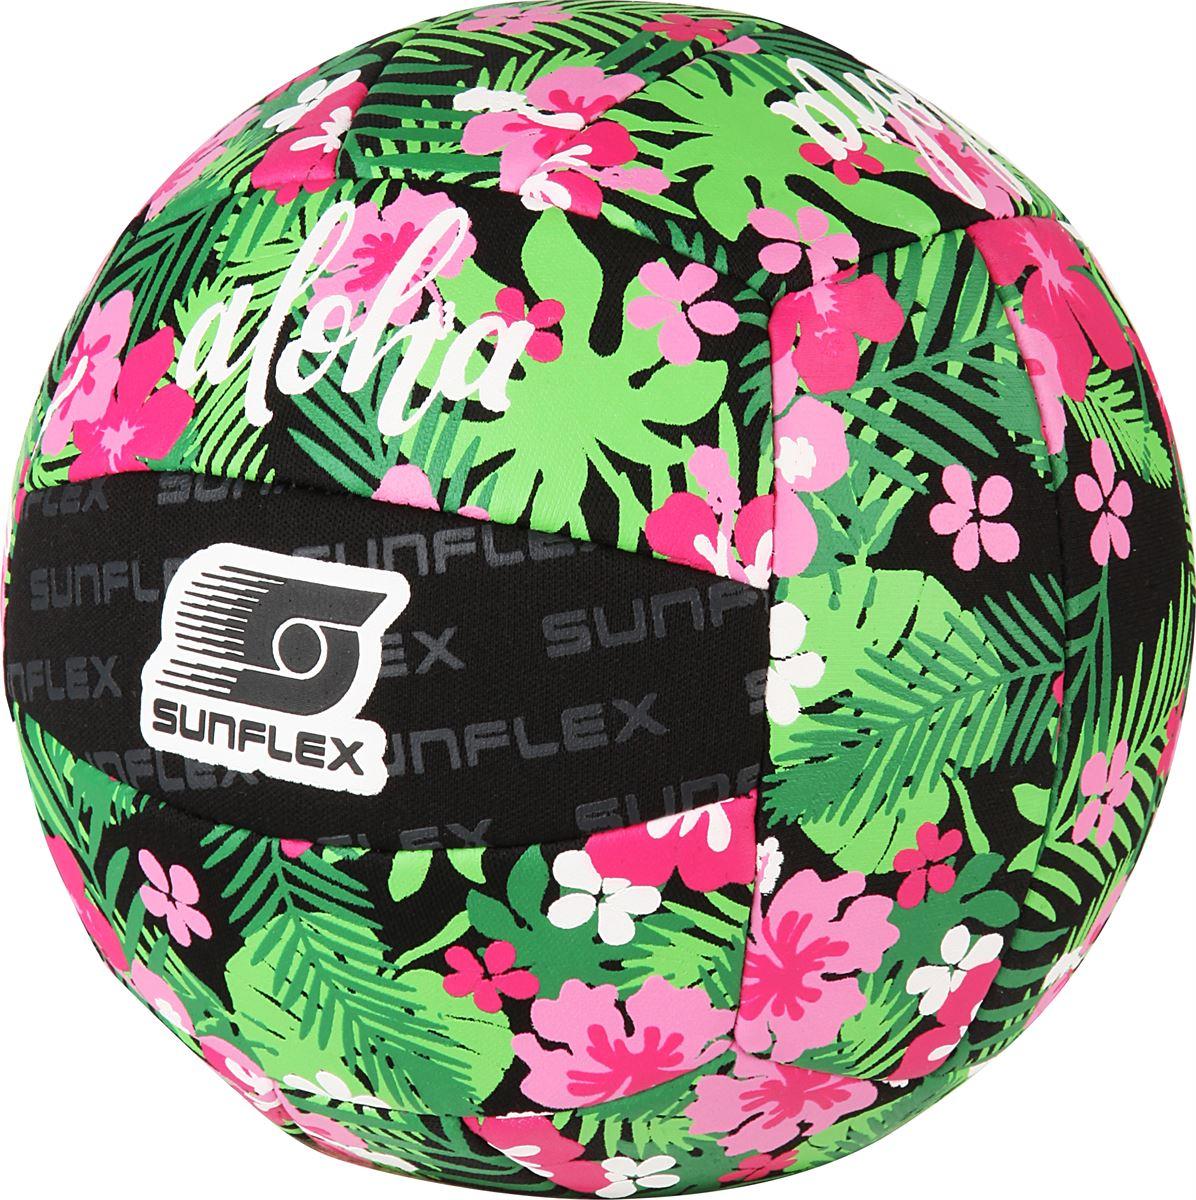 Αδιάβροχη μπάλα της Sunflex 21 εκατοστών - Tropical Flower